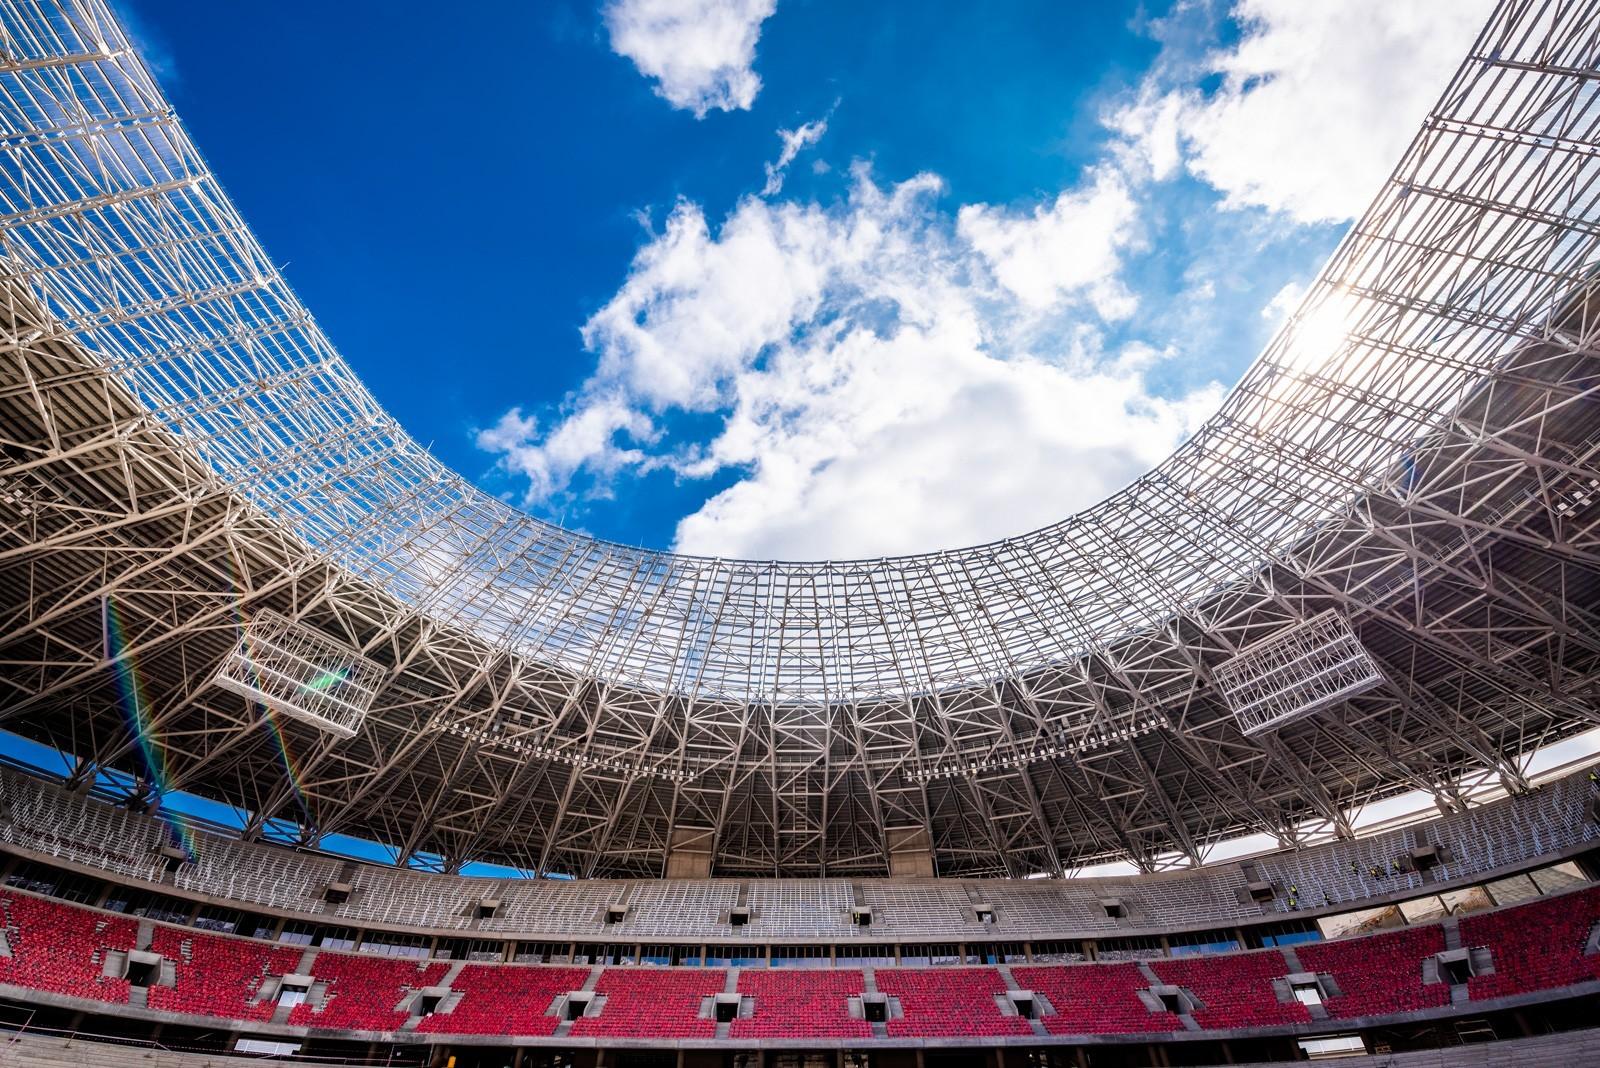 Szerdától rárajtolhatunk a jövő nyári foci-Eb jegyeire